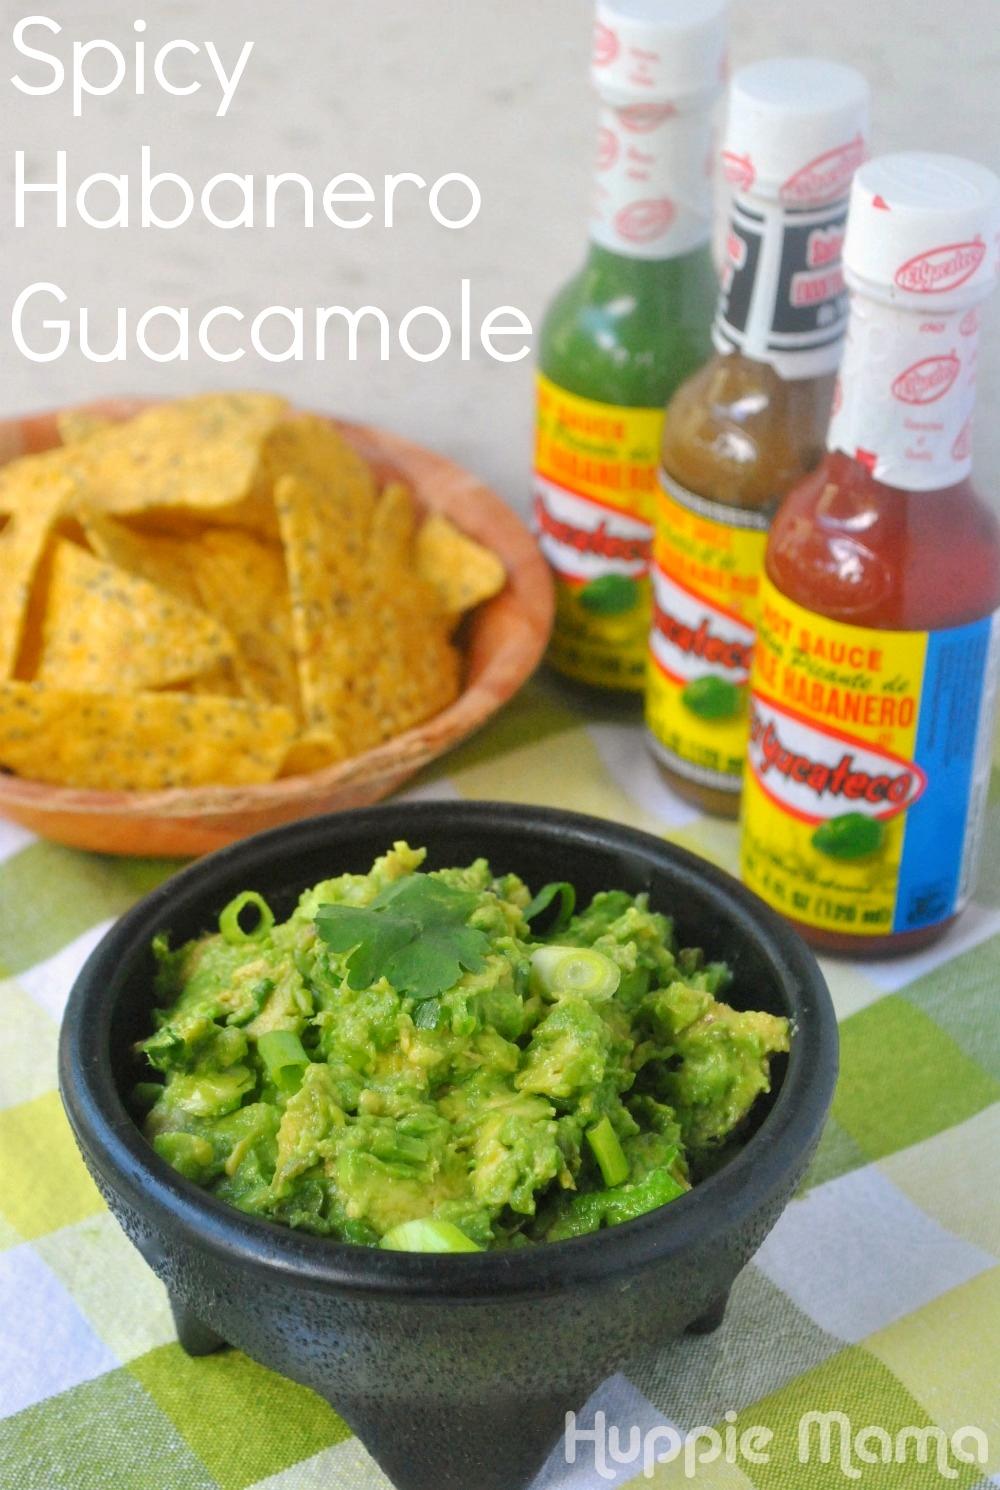 Spicy Habanero Guacamole #shop - Our Potluck Family